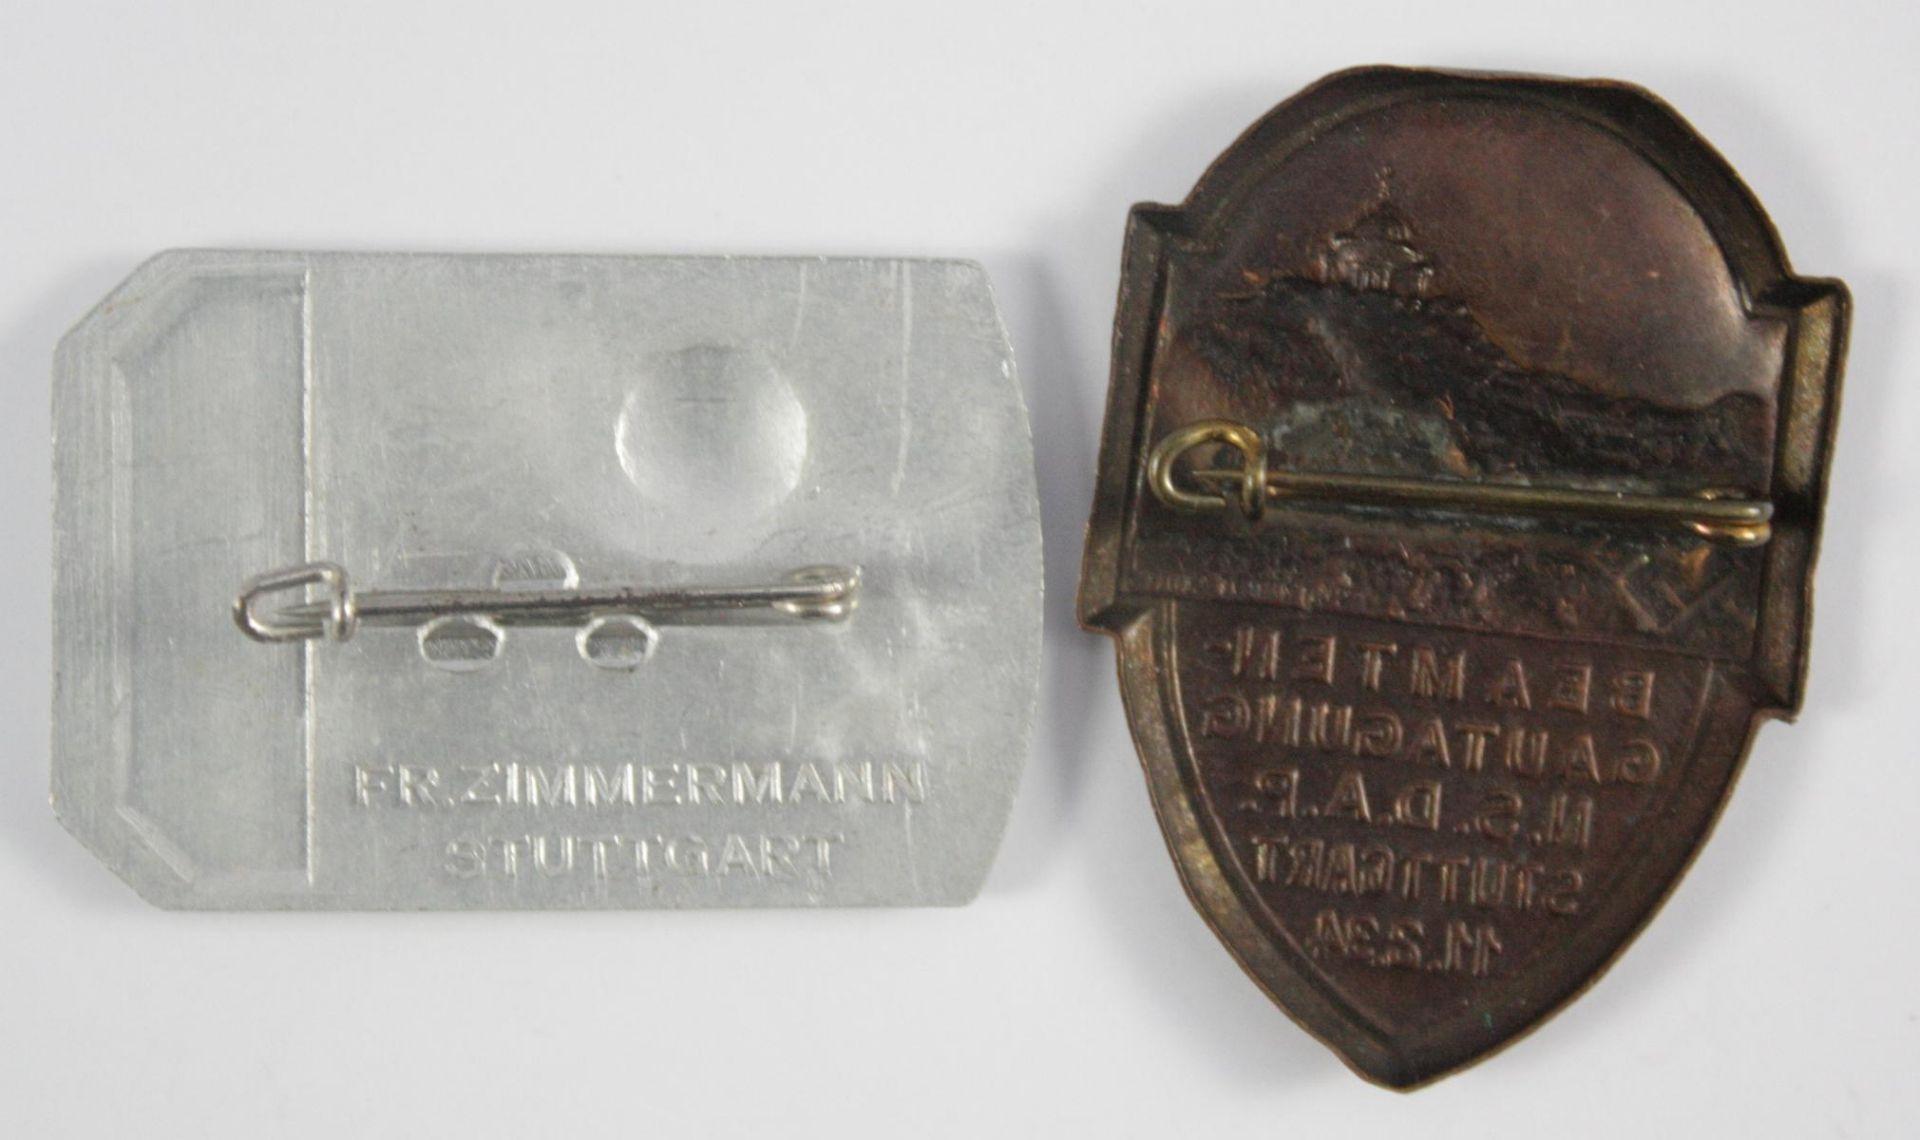 2 Veranstaltungsabzeichen Stuttgart 1934 / 1937 - Bild 2 aus 2